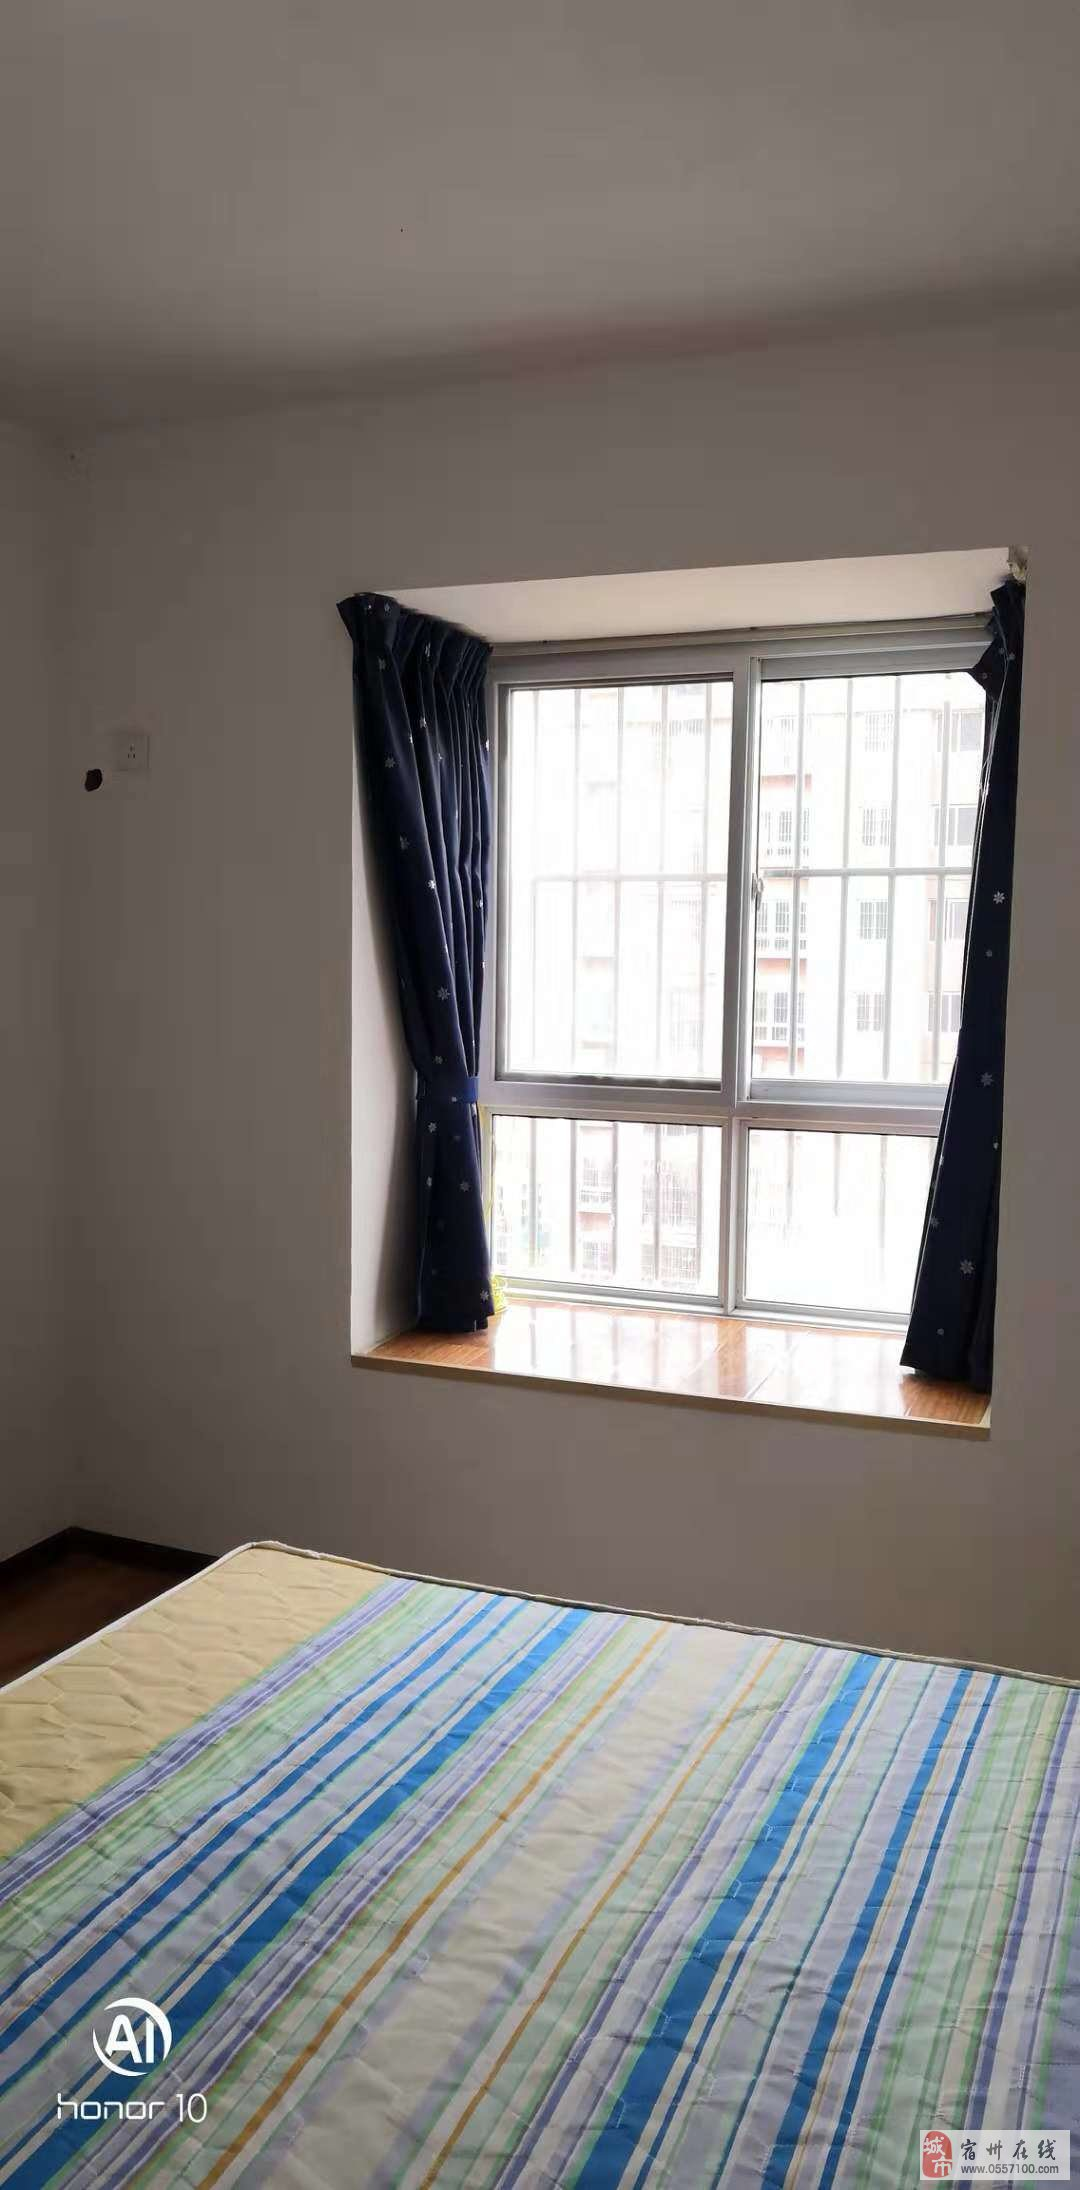 龙登和城2室2厅1卫44万元,全明格局